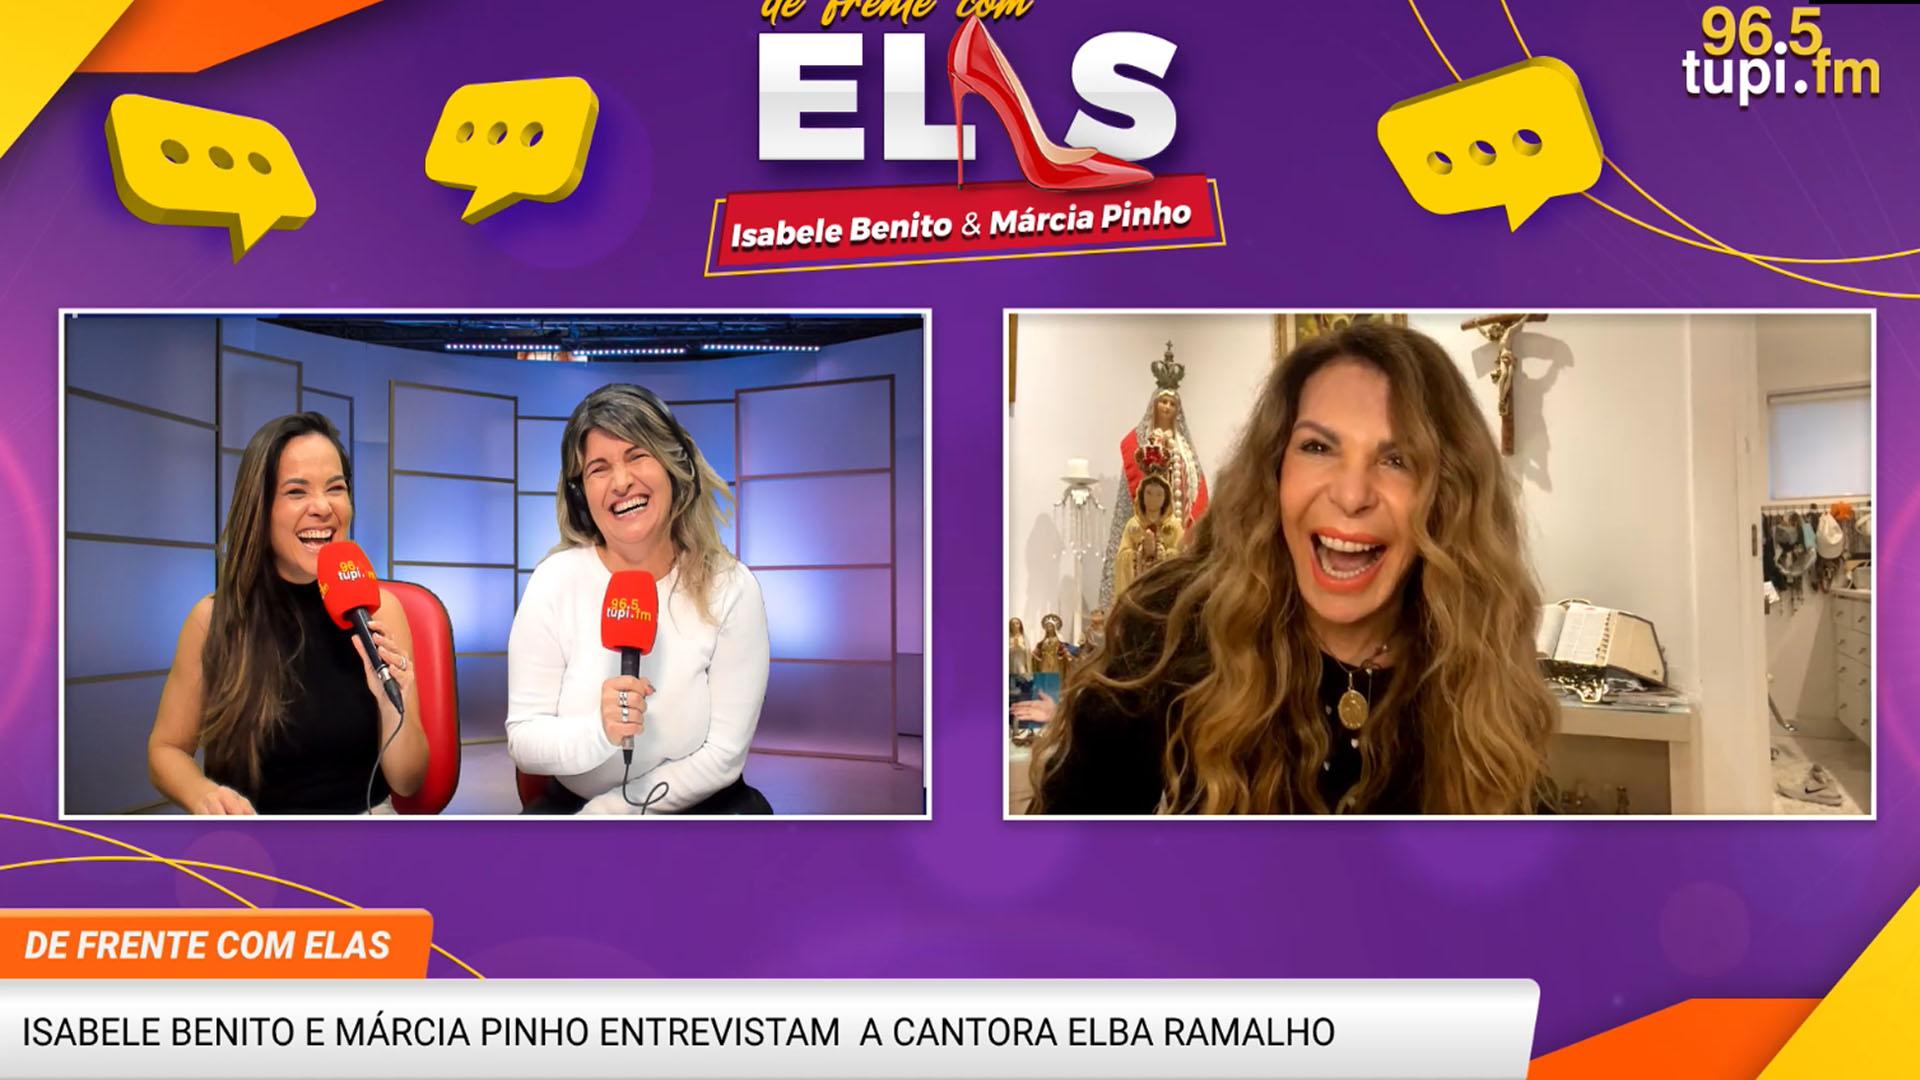 Chamada por vídeo com Isabele Benito, Márcia Pinho e Elba Ramalho